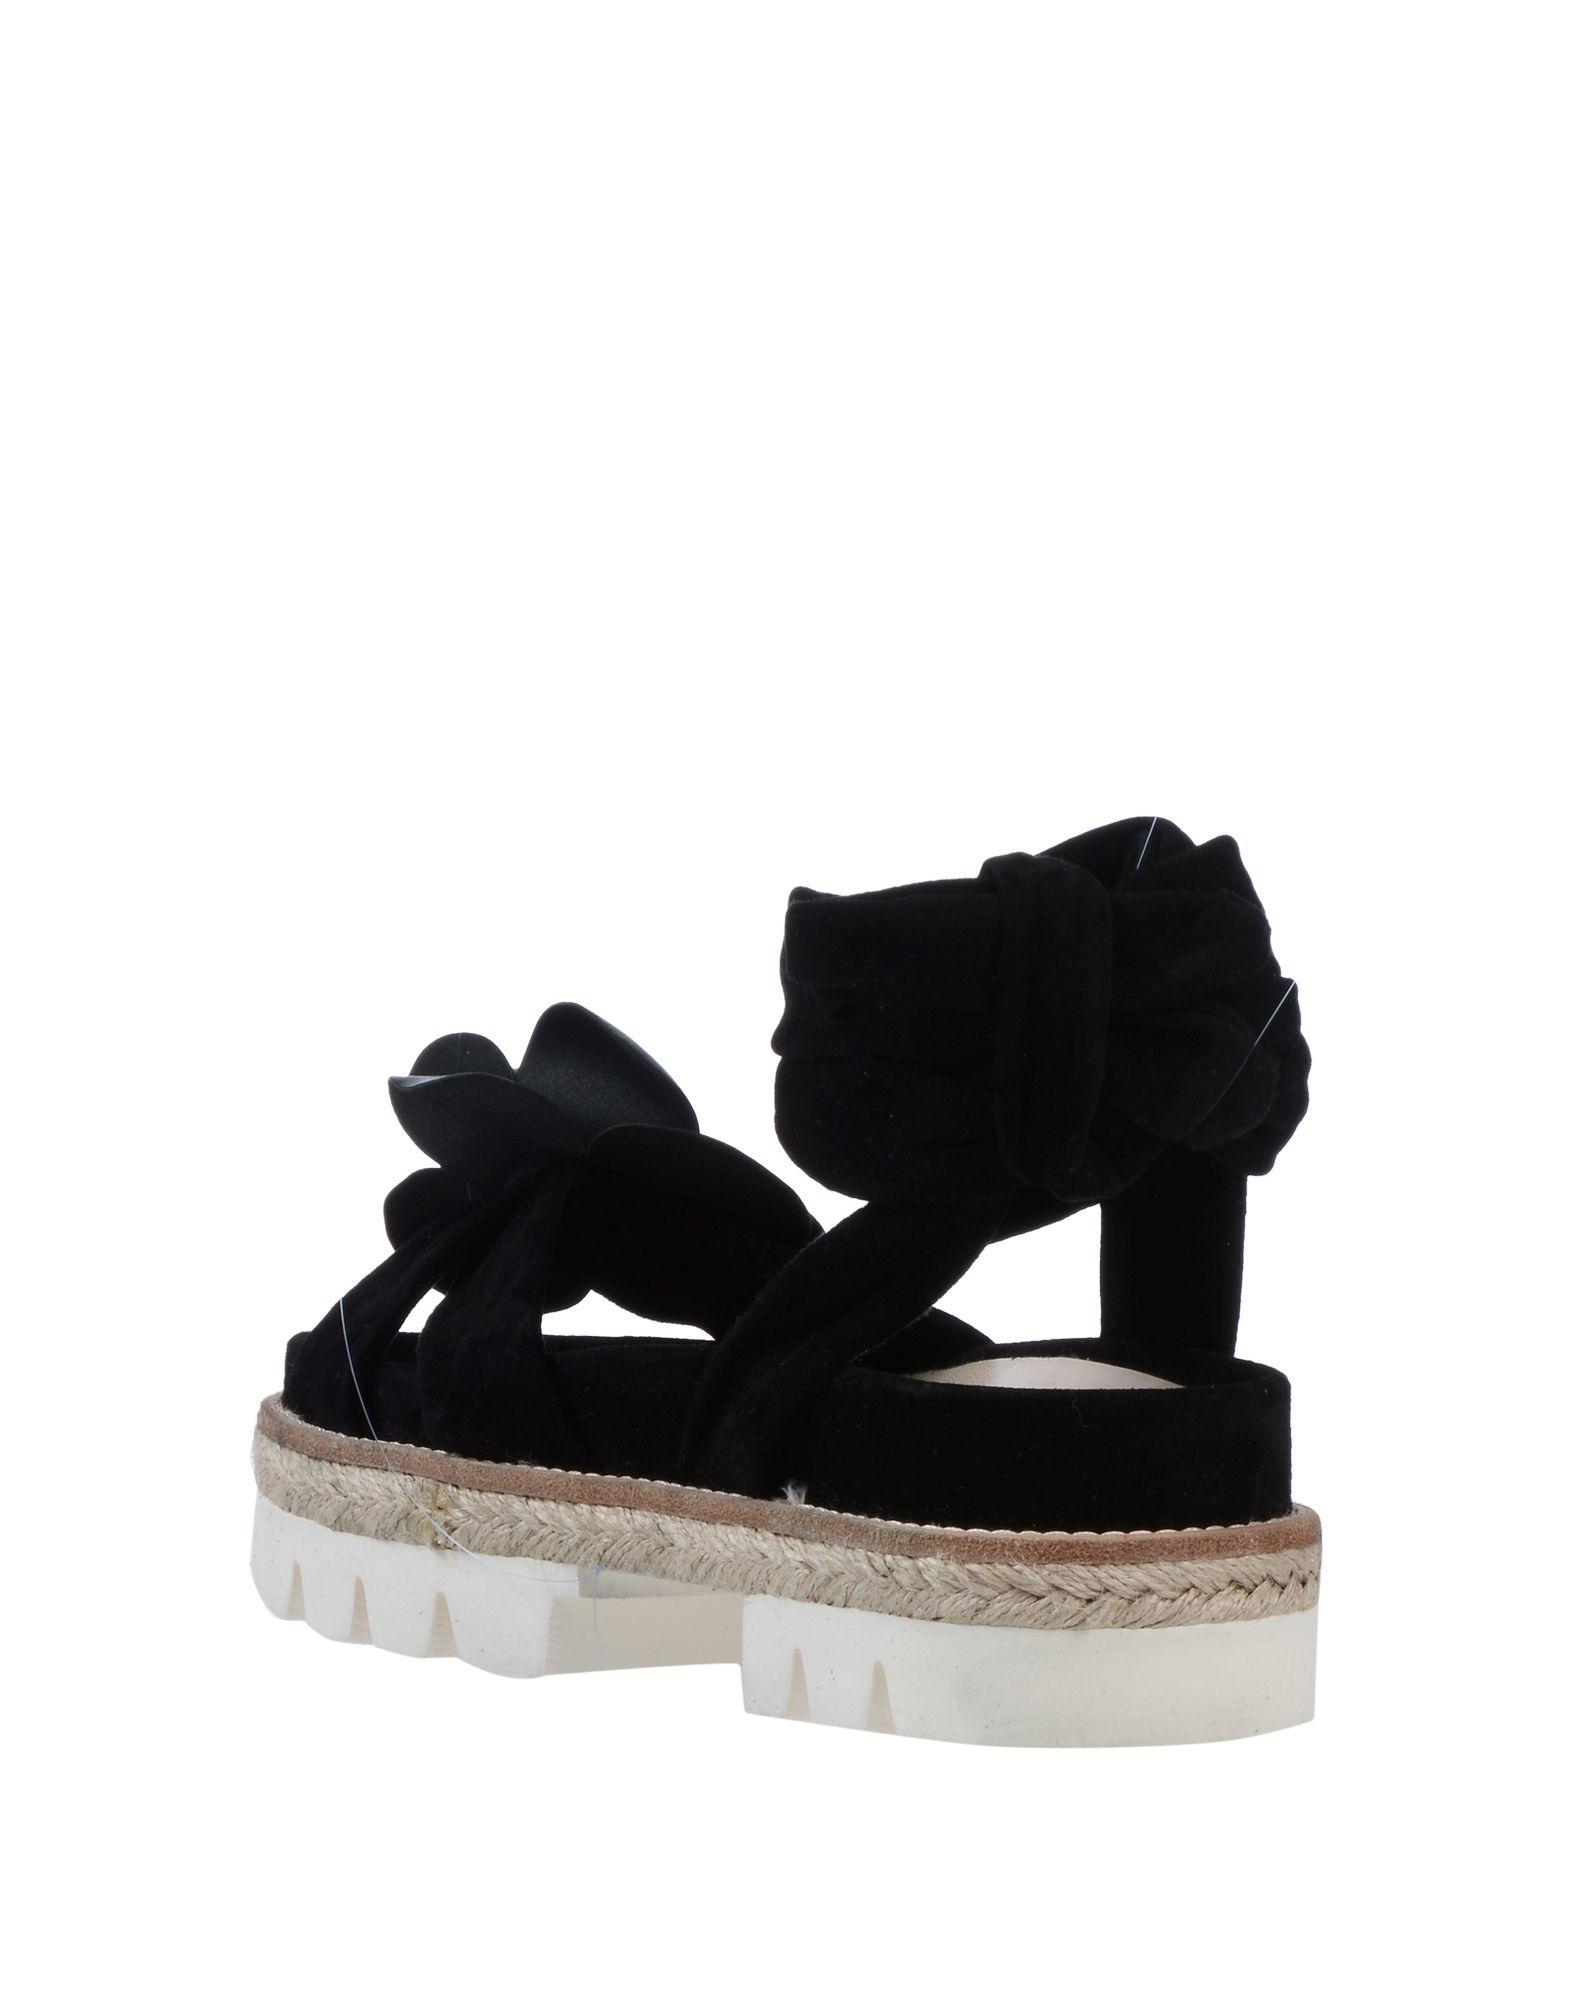 Blugirl Blumarine Sandalen Damen aussehende 11569841LPGut aussehende Damen strapazierfähige Schuhe 9eff34